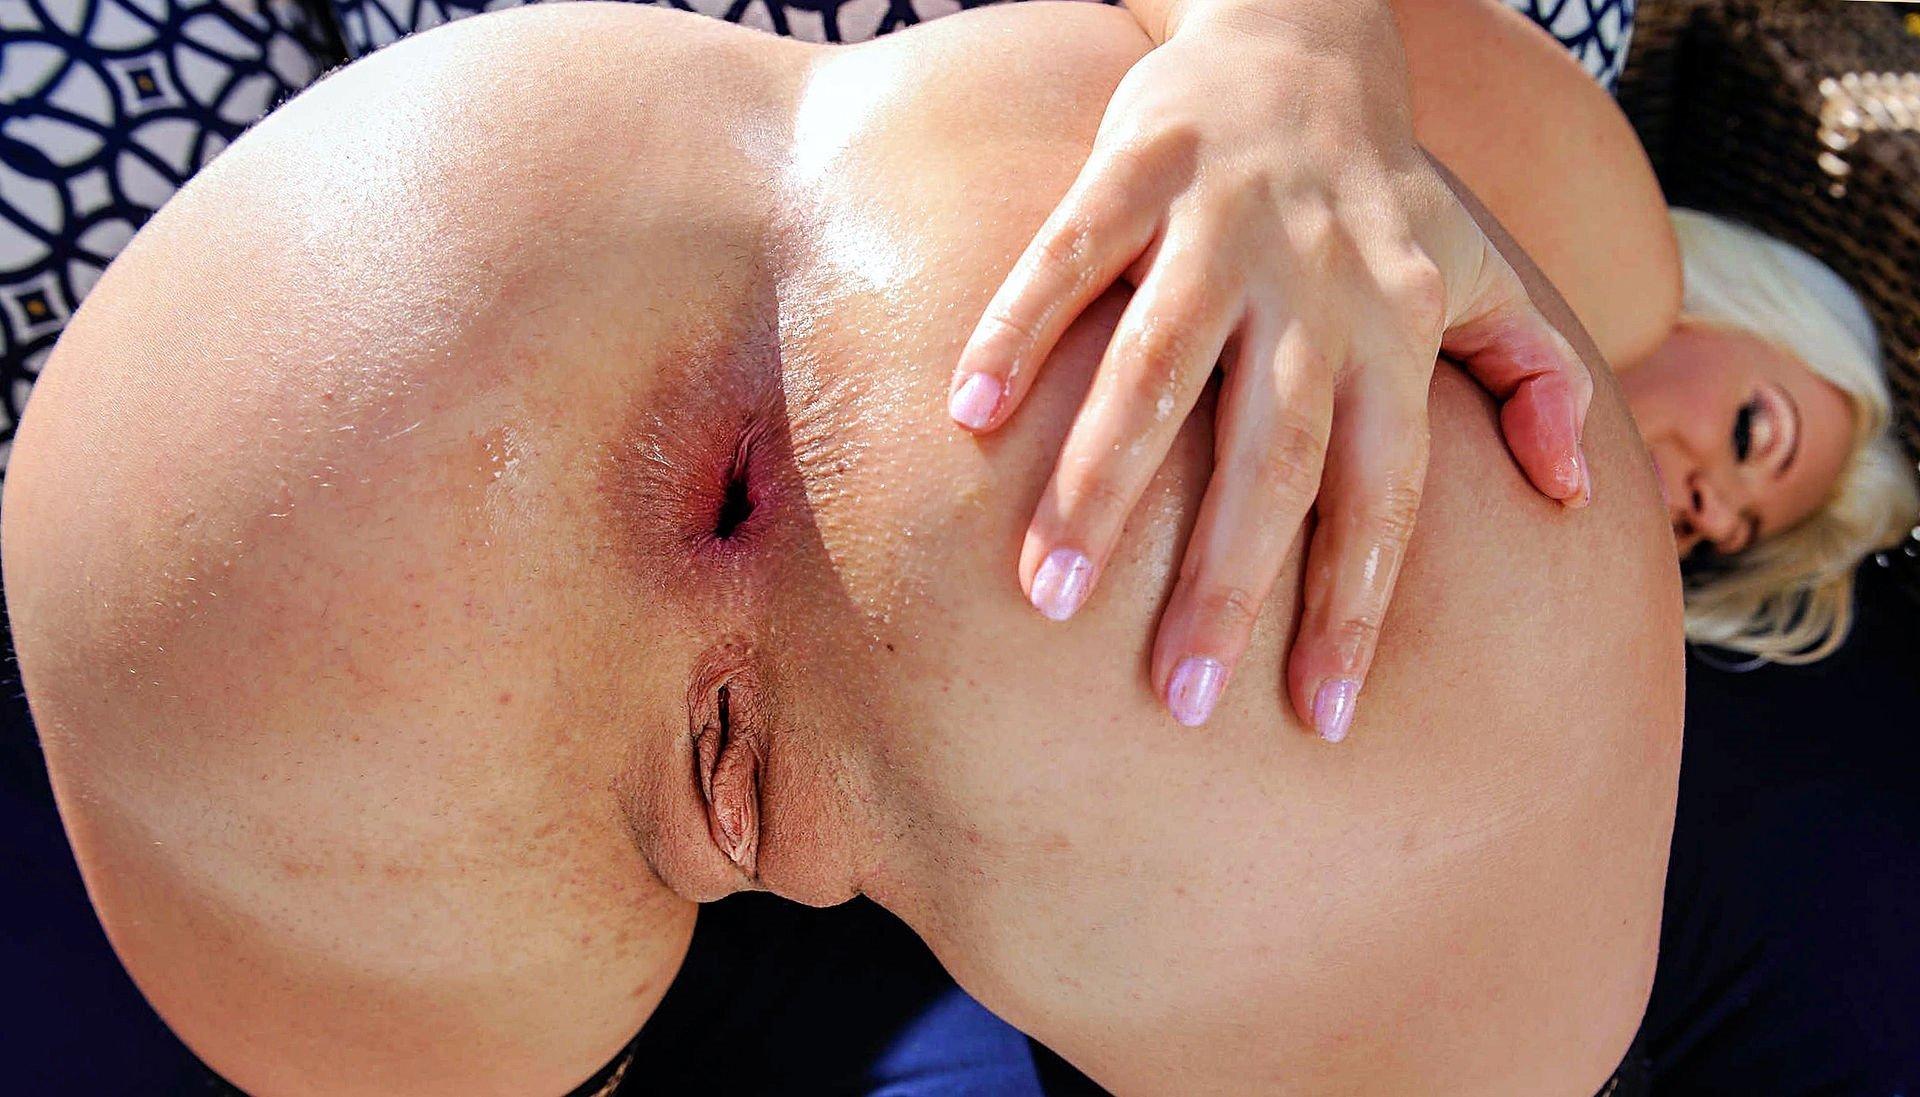 Big Ass Slut With A Huge Hole